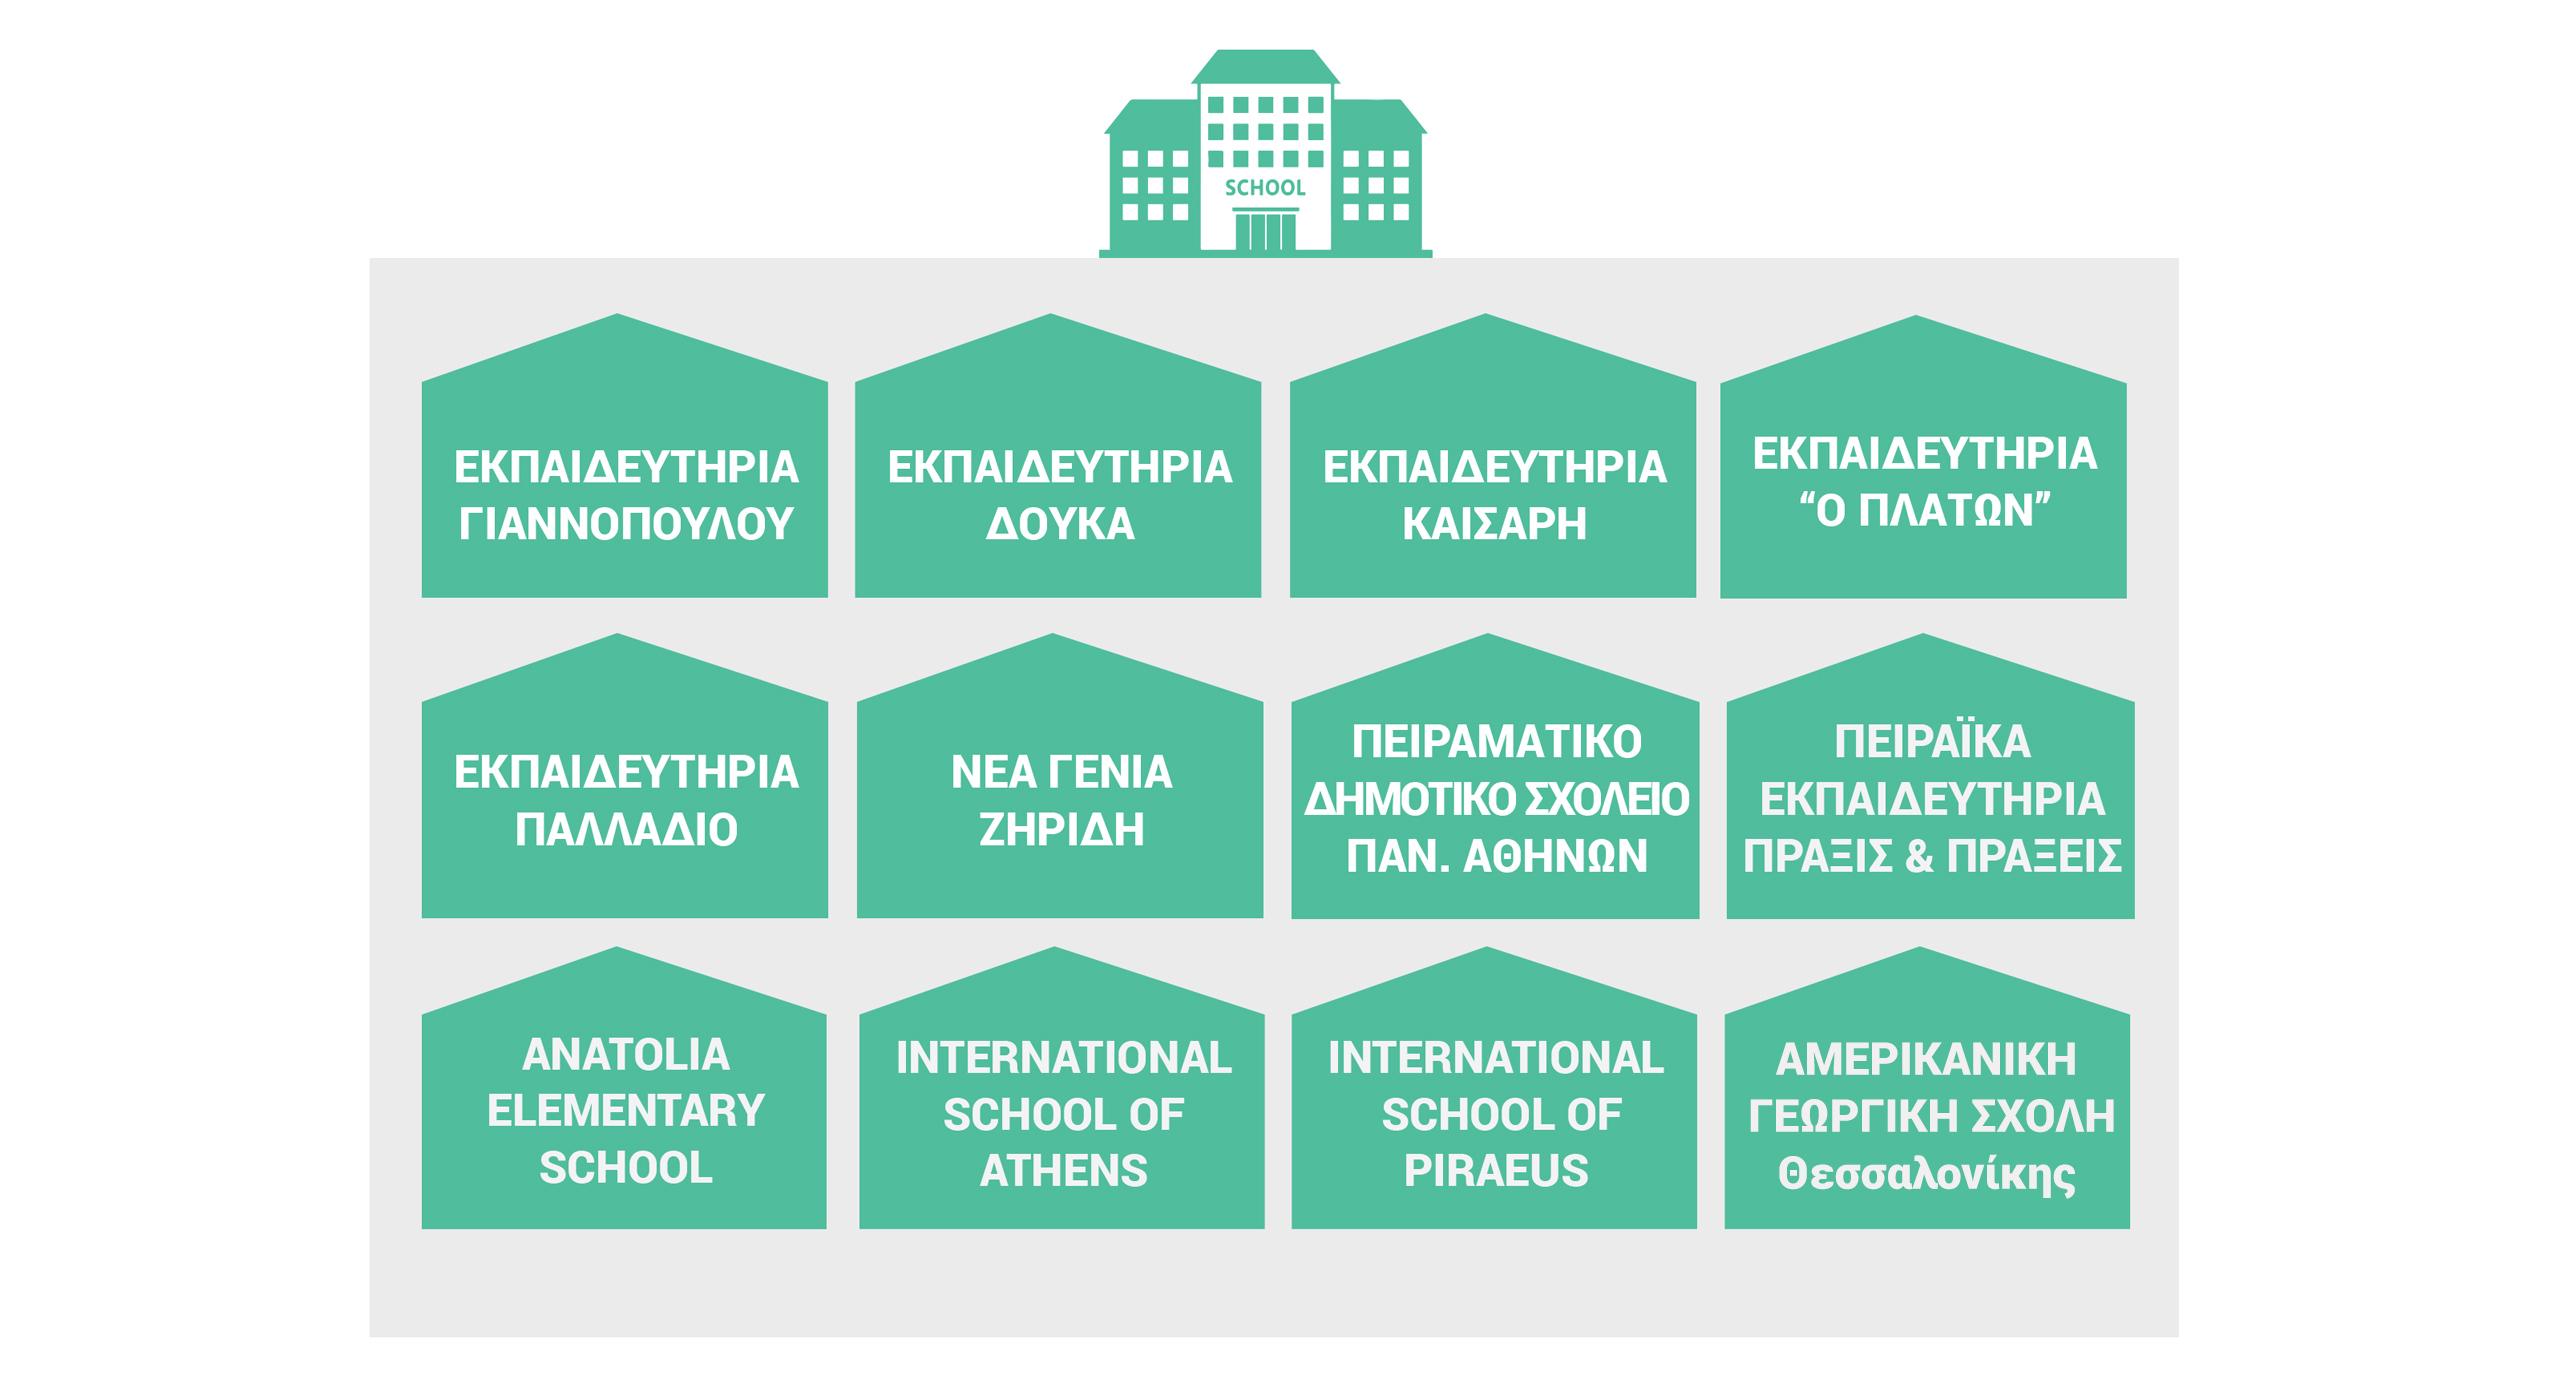 """Σχολεία που συμμετείχαν: ΕΚΠΑΙΔΕΥΤΗΡΙΑ ΓΙΑΝΝΟΠΟΥΛΟΥ, ΕΚΠΑΙΔΕΥΤΗΡΙΑ ΔΟΥΚΑ, EΚΠΑΙΔΕΥΤΗΡΙΑ ΚΑΙΣΑΡΗ, ΕΚΠΑΙΔΕΥΤΗΡΙΑ """"O ΠΛΑΤΩΝ"""", ΕΚΠΑΙΔΕΥΤΗΡΙΑ ΠΑΛΛΑΔΙΟ, ΝΕΑ ΓΕΝΙΑ ΖΗΡΙΔΗ, ΠΕΙΡΑΜΑΤΙΚΟ ΔΗΜΟΤΙΚΟ ΣΧΟΛΕΙΟ ΠΑΝ. ΑΘΗΝΩΝ, ΠΕΙΡΑΪΚΑ ΕΚΠΑΙΔΕΥΤΗΡΙΑ ΠΡΑΞΙΣ & ΠΡΑΞΕΙΣ, ANATOLIA ELEMENTARY SCHOOL, INTERNATIONAL SCHOOL OF ATHENS, INTERNATIONAL SCHOOL OF PIRAEUS"""